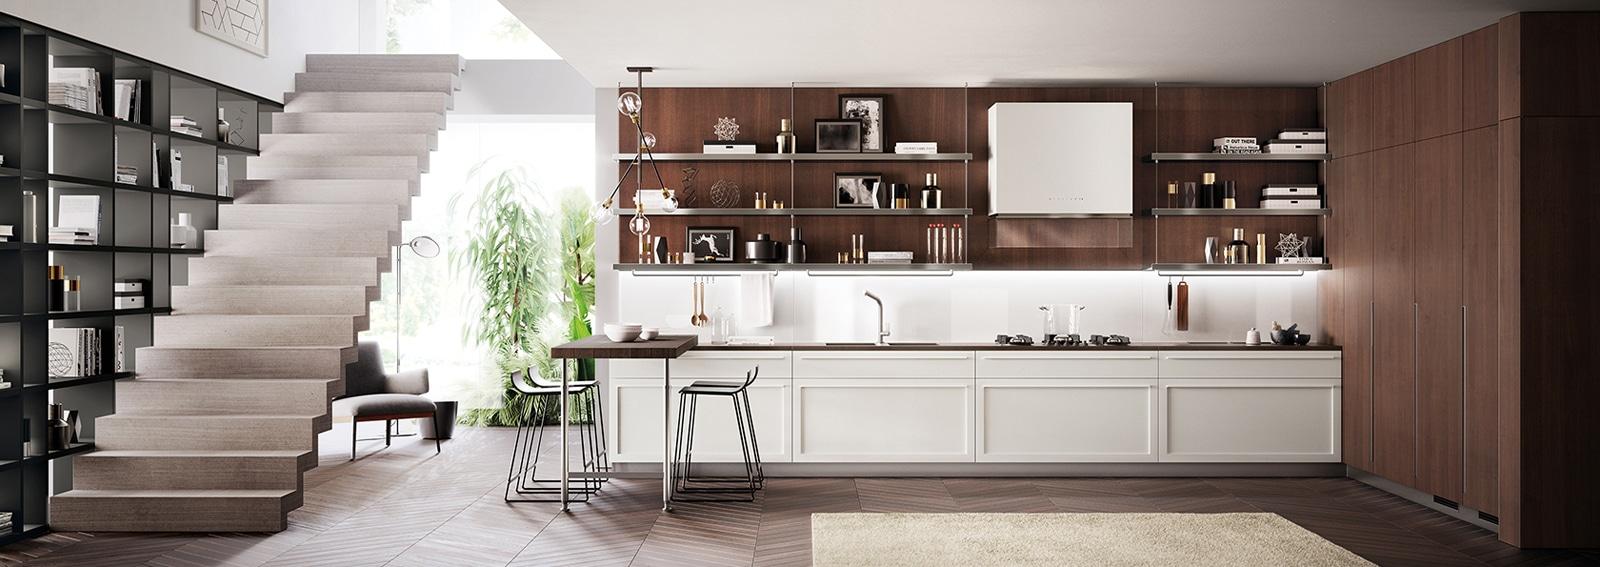 Cucine Moderne Marroni ~ Design Per la Casa e Idee Per Interni